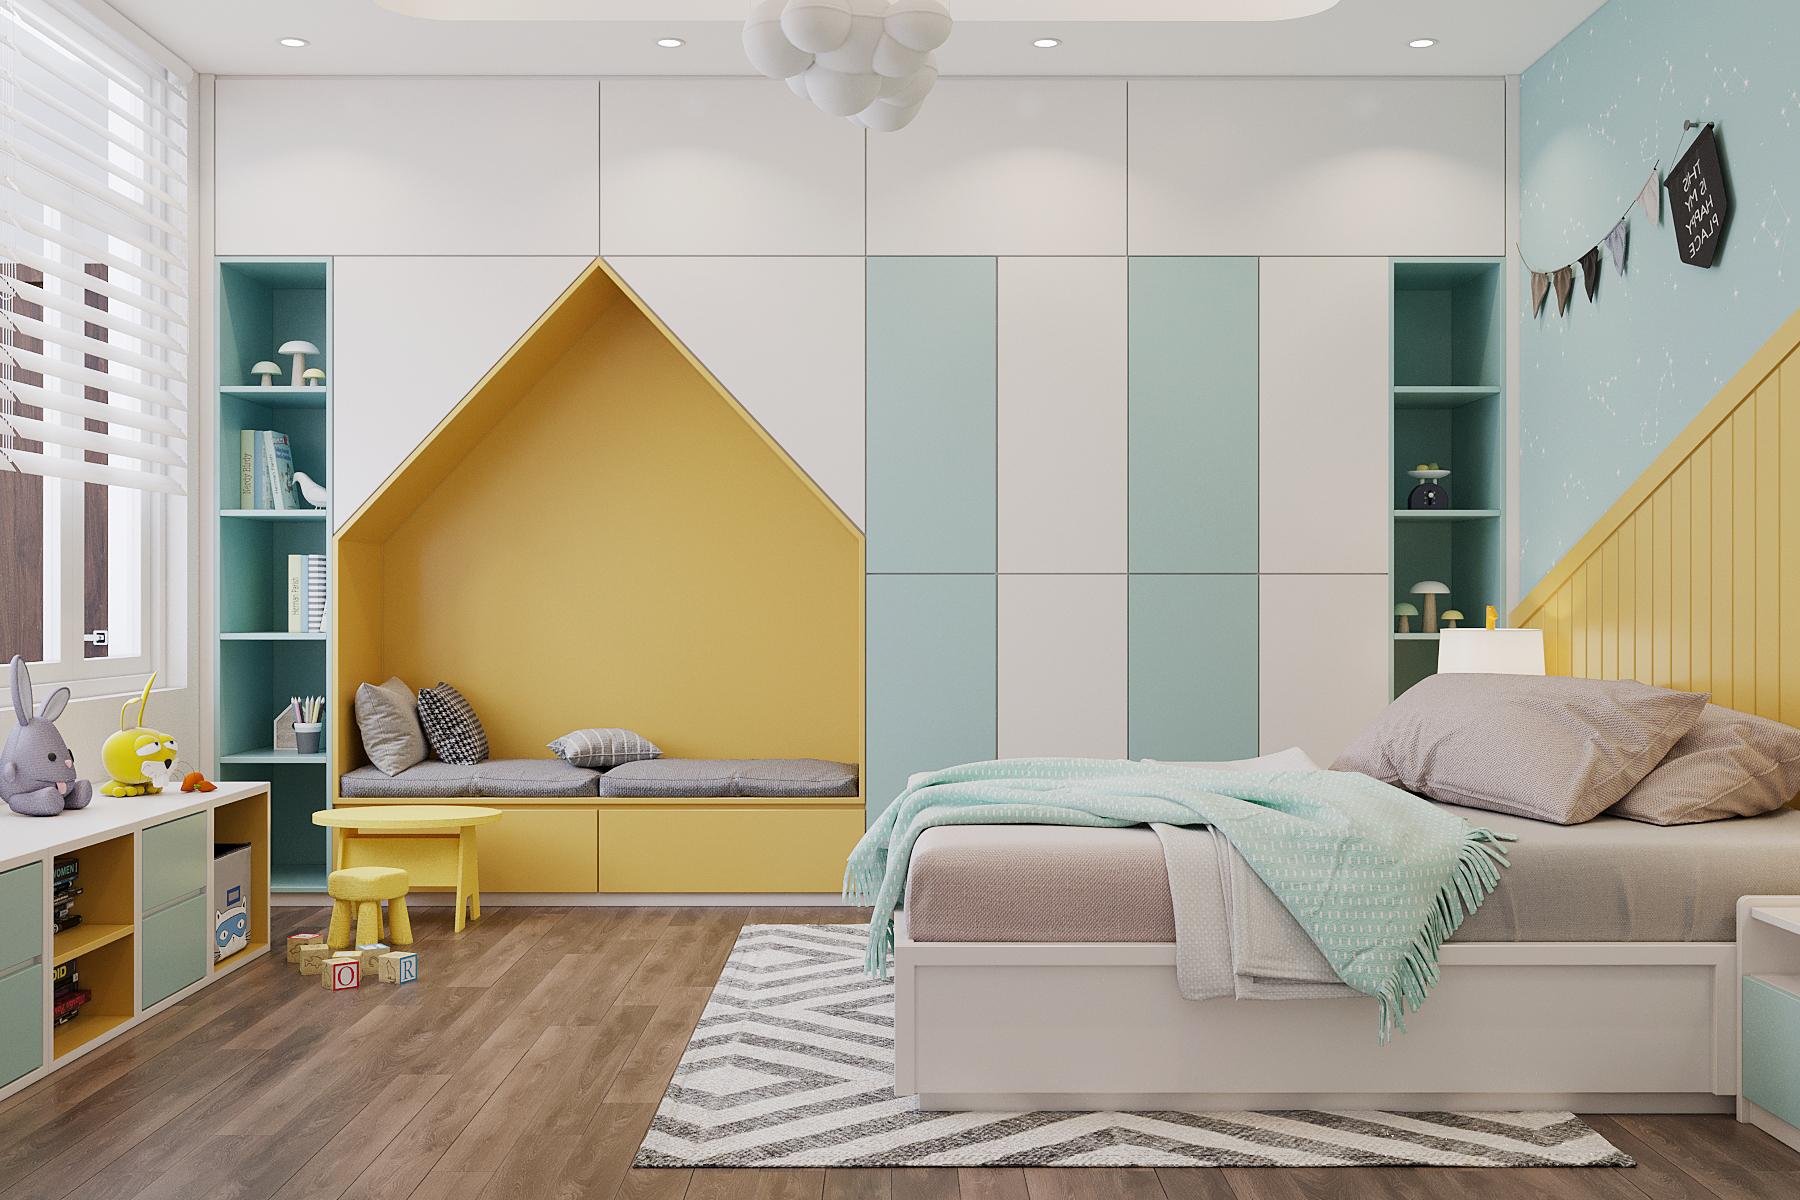 Thiết kế nội thất Nhà tại Quảng Ninh nhà lô anh Hiếu Uông Bí 1627033785 10